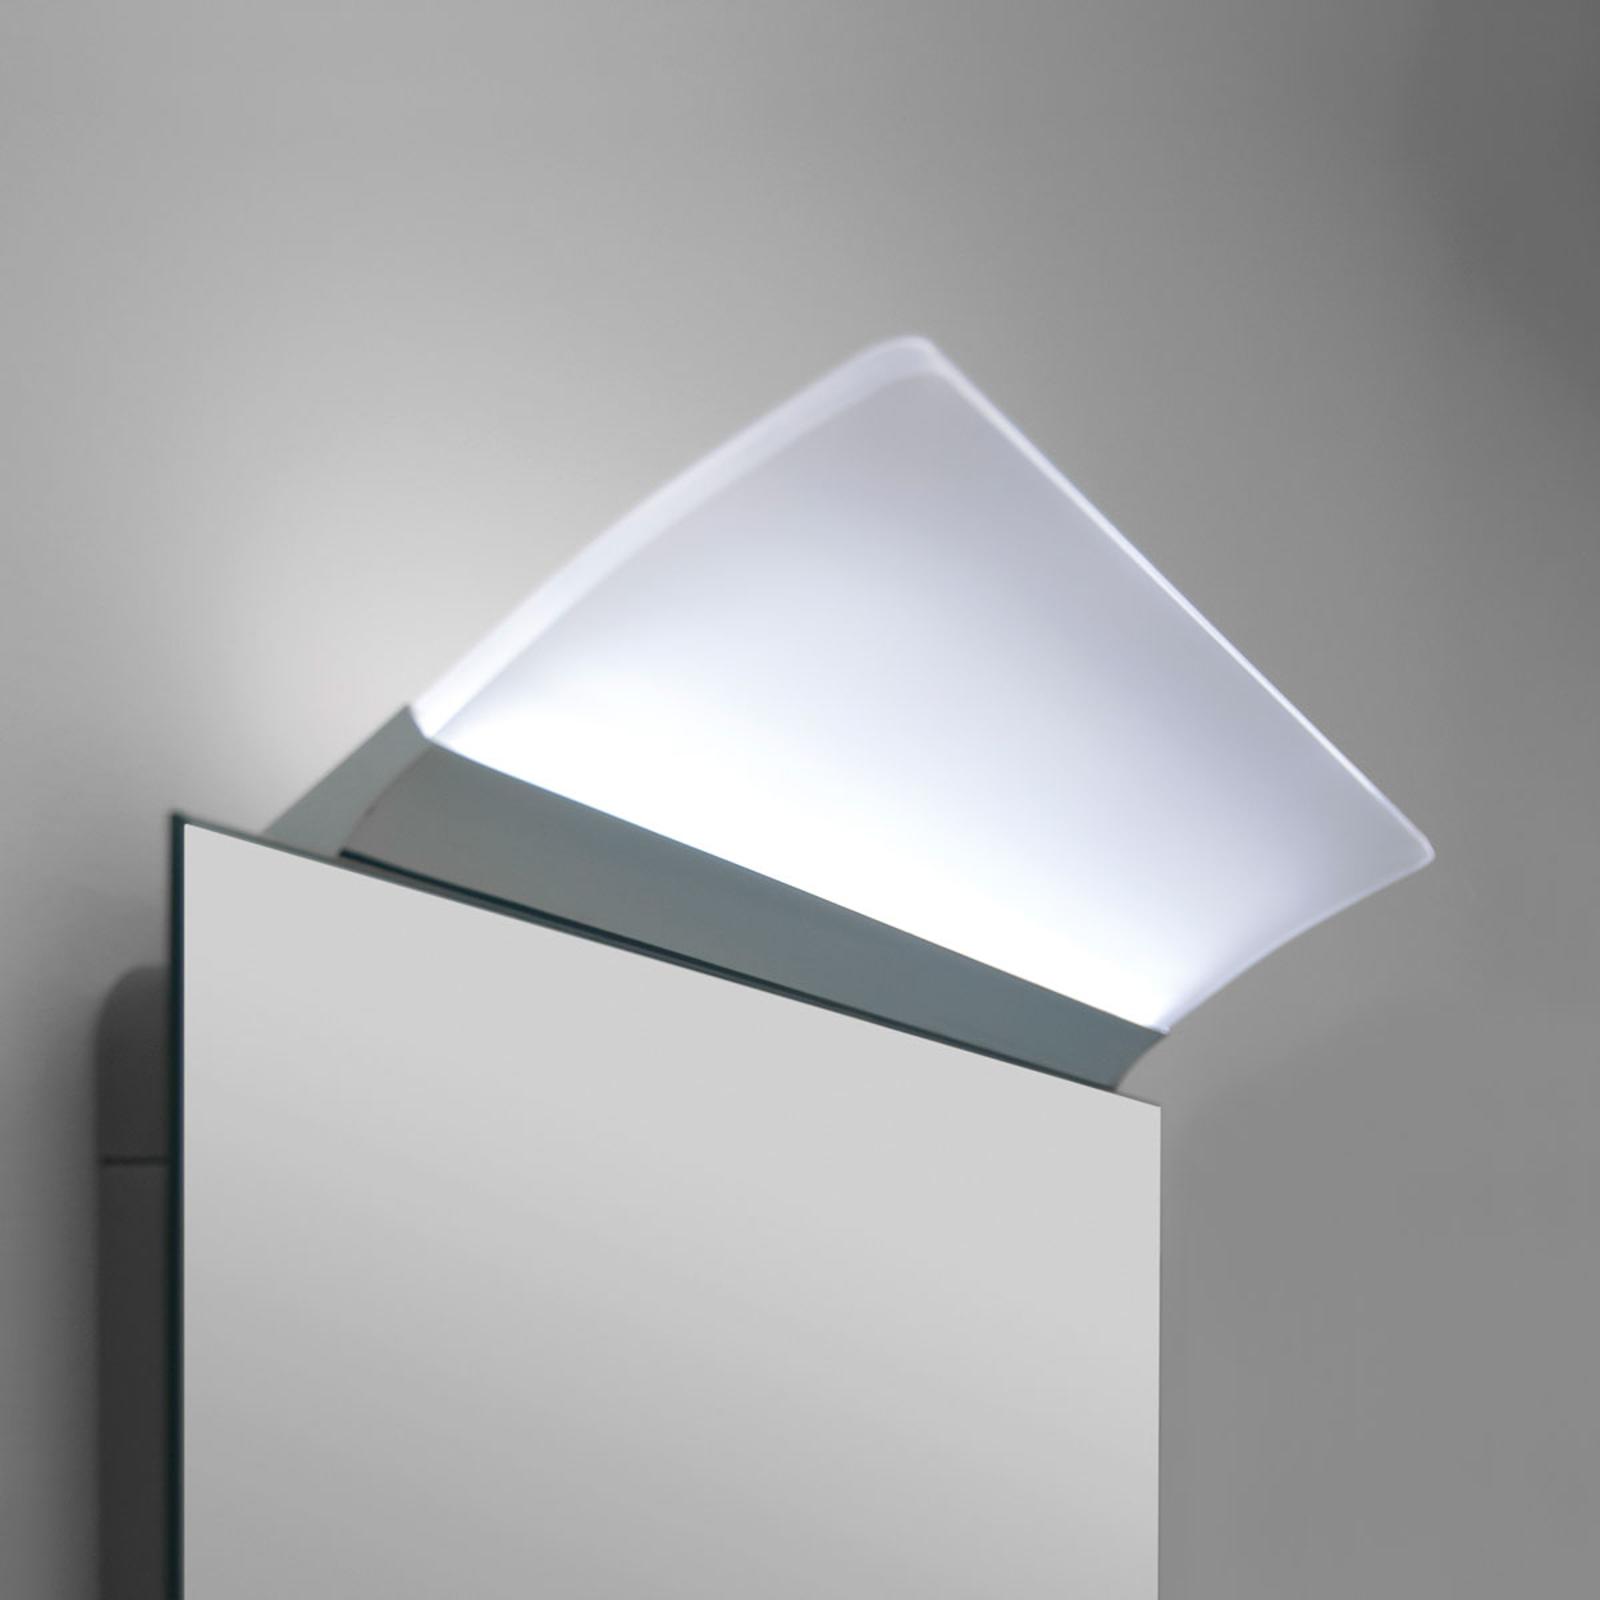 Lámpara de espejo LED Angela plana, IP44, 30 cm